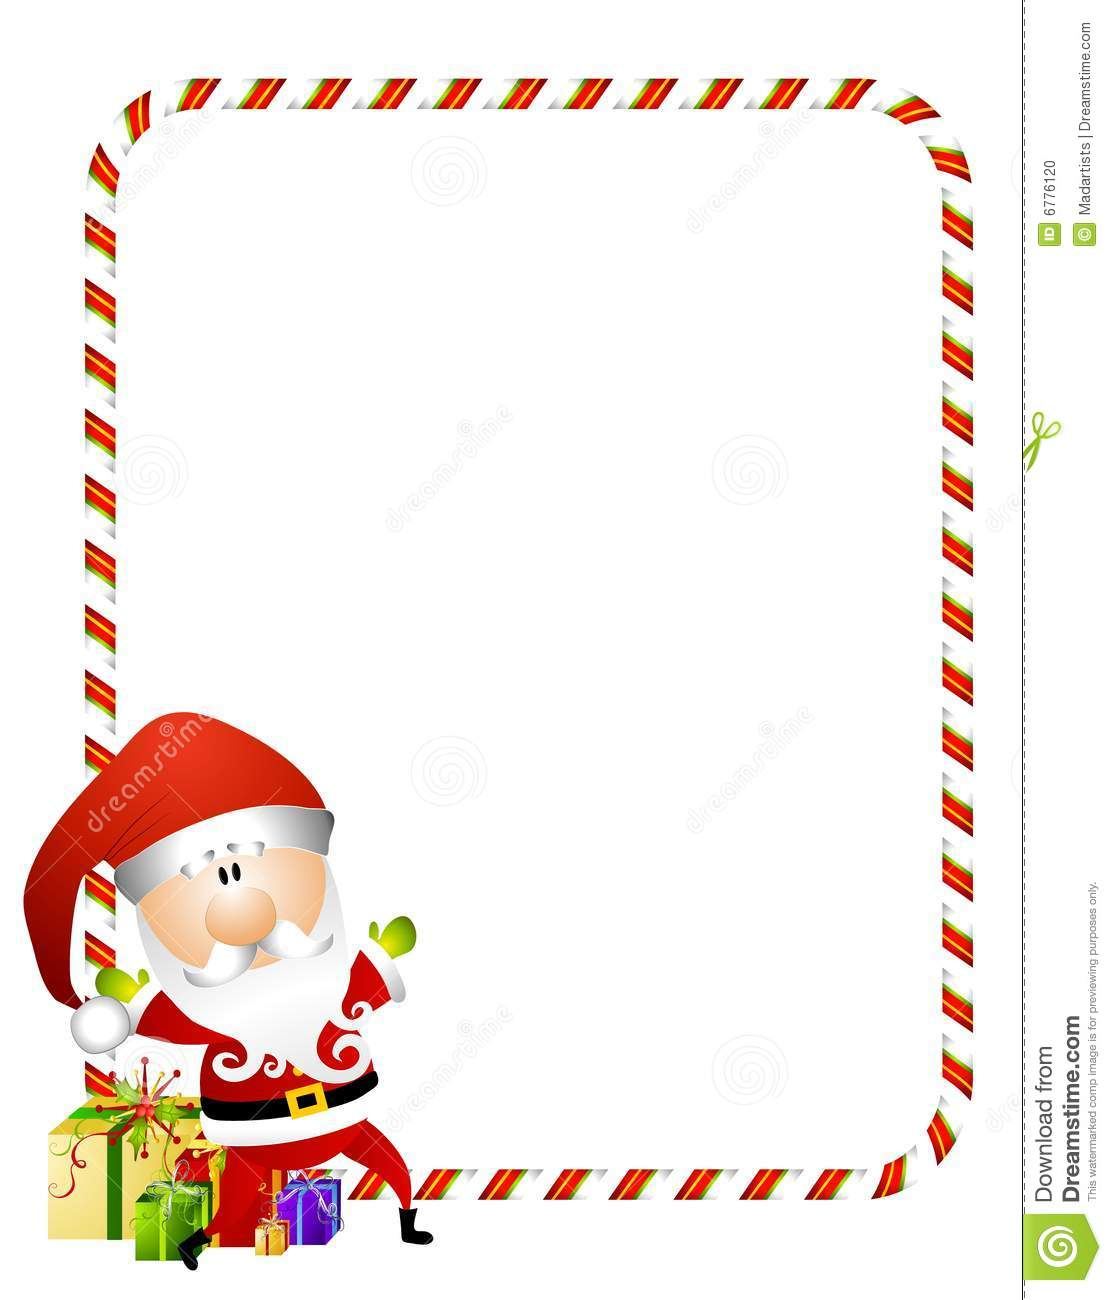 Santa Claus Border Clipart - Clipart Kid